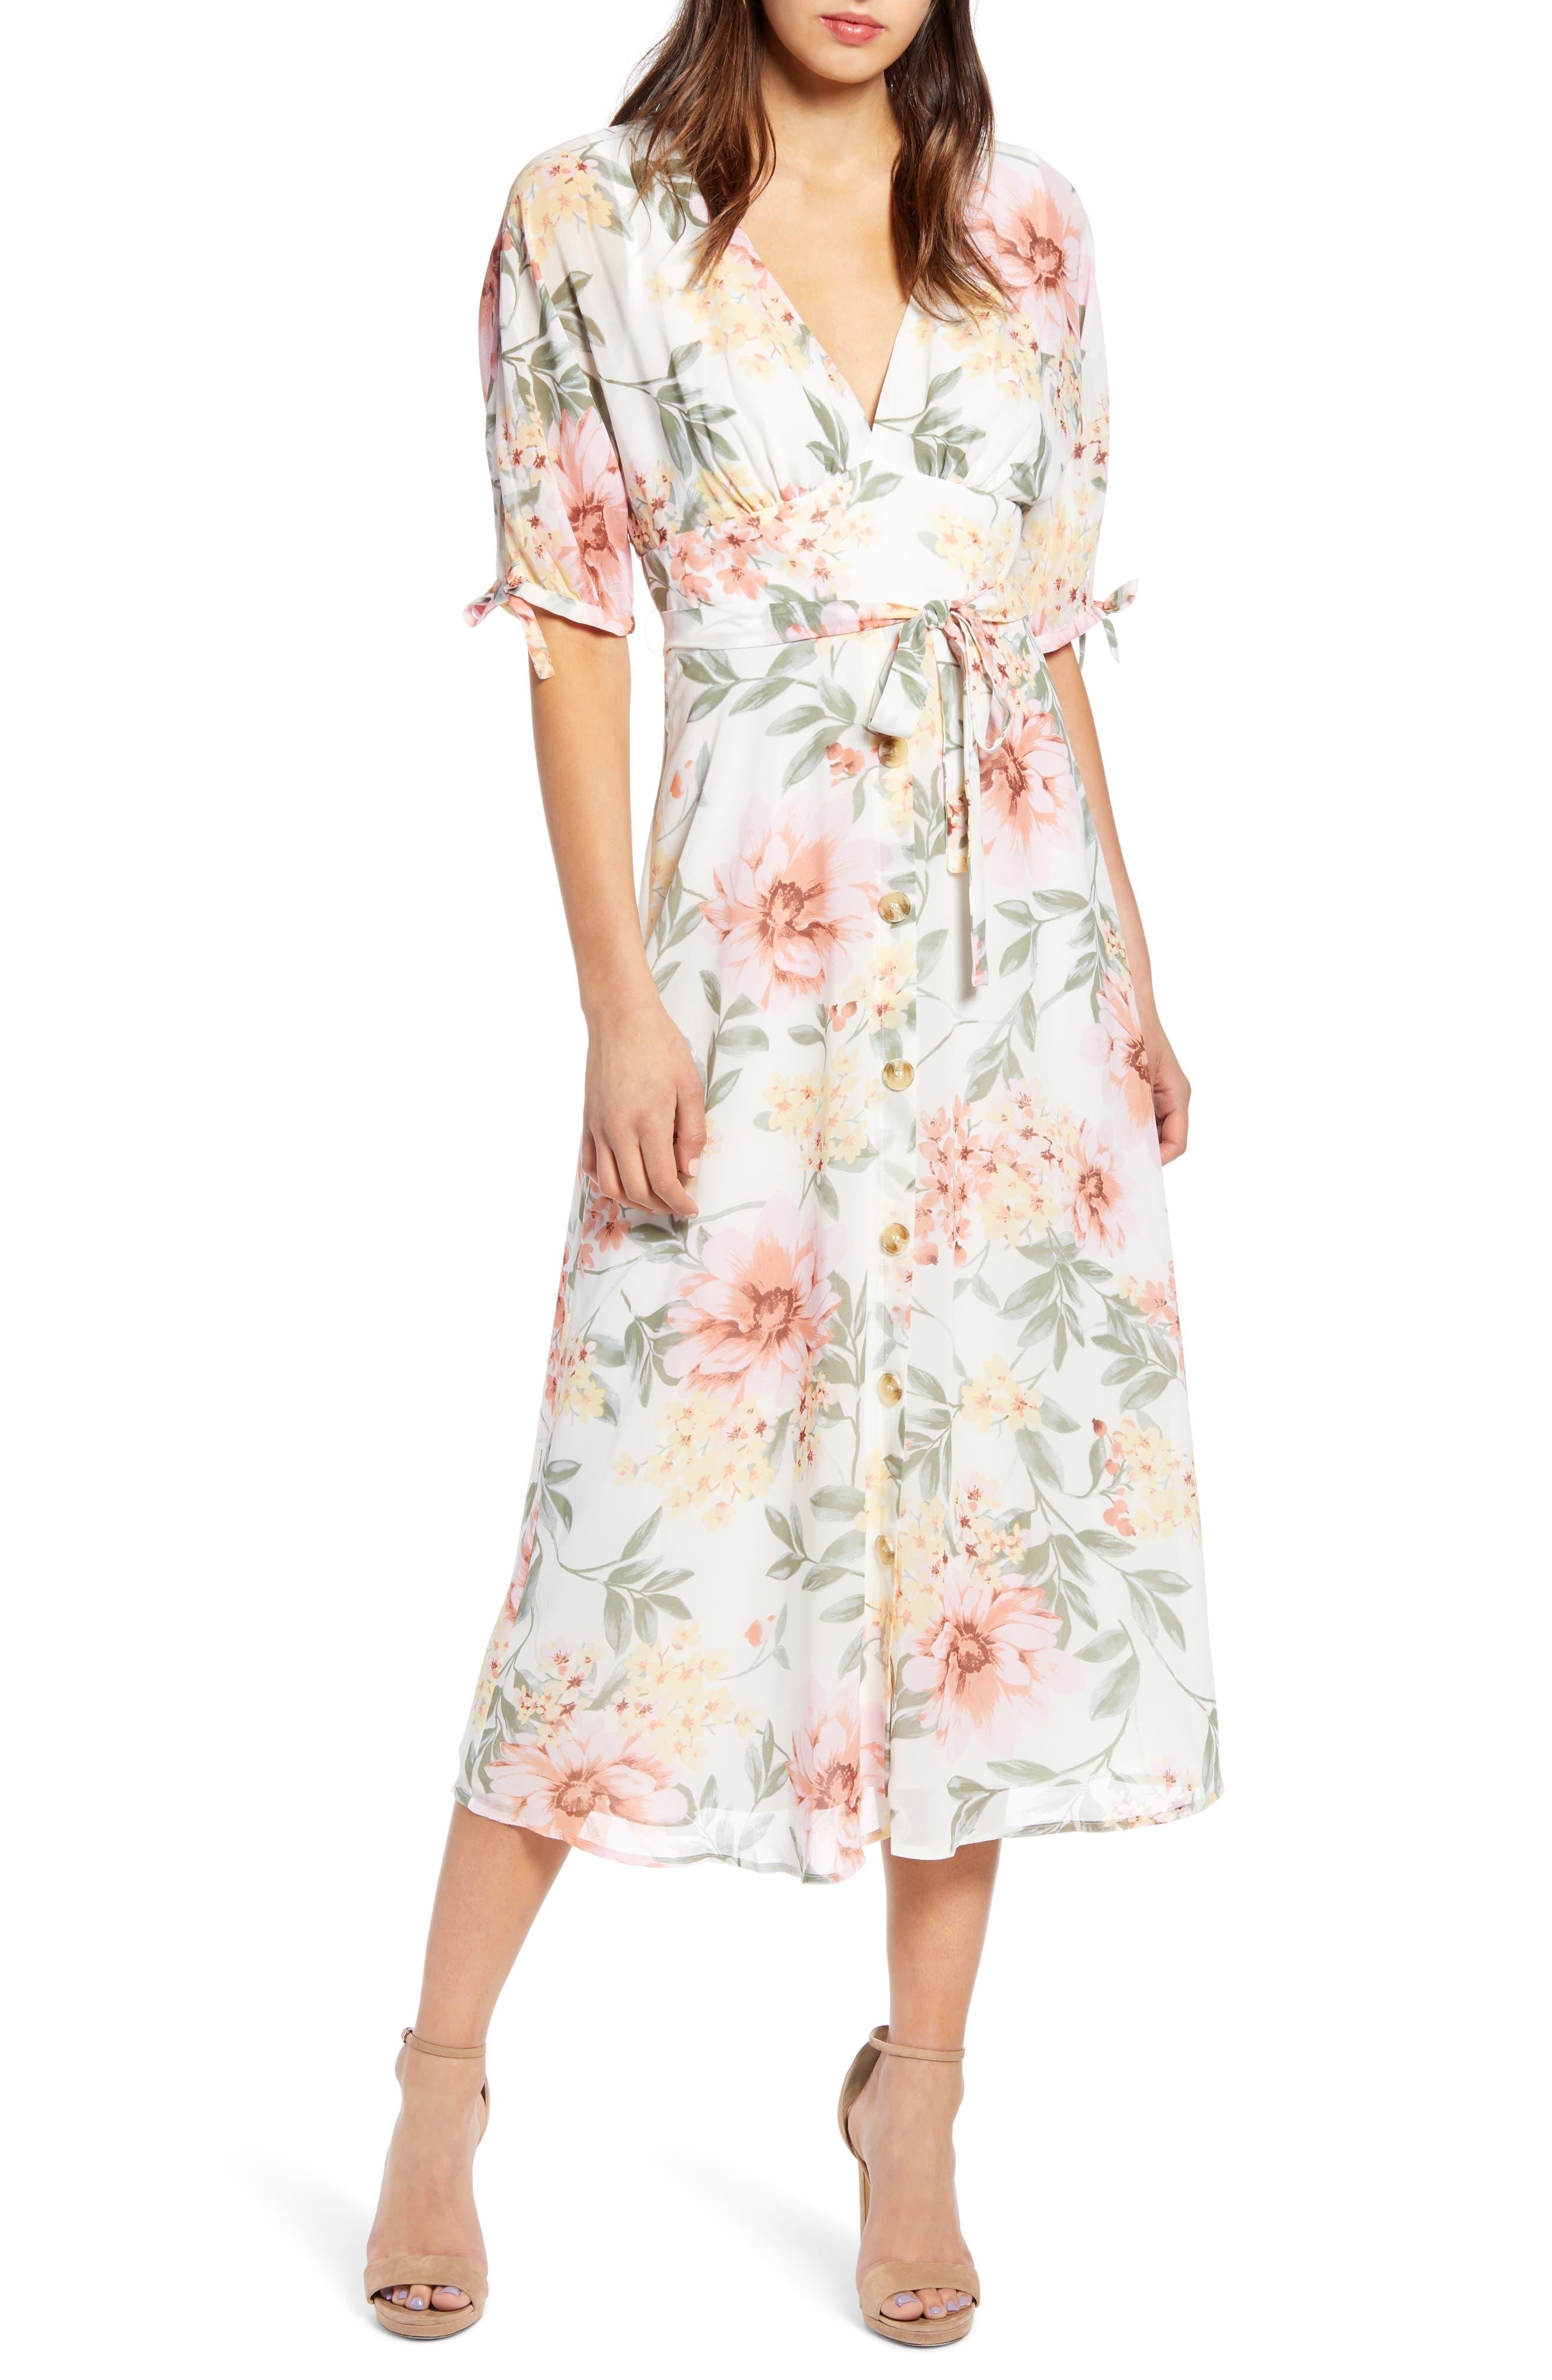 JUNE & HUDSON Floral V-Neck Tie Front Dress, Main, color, IVORY/ ROSE/ SAGE